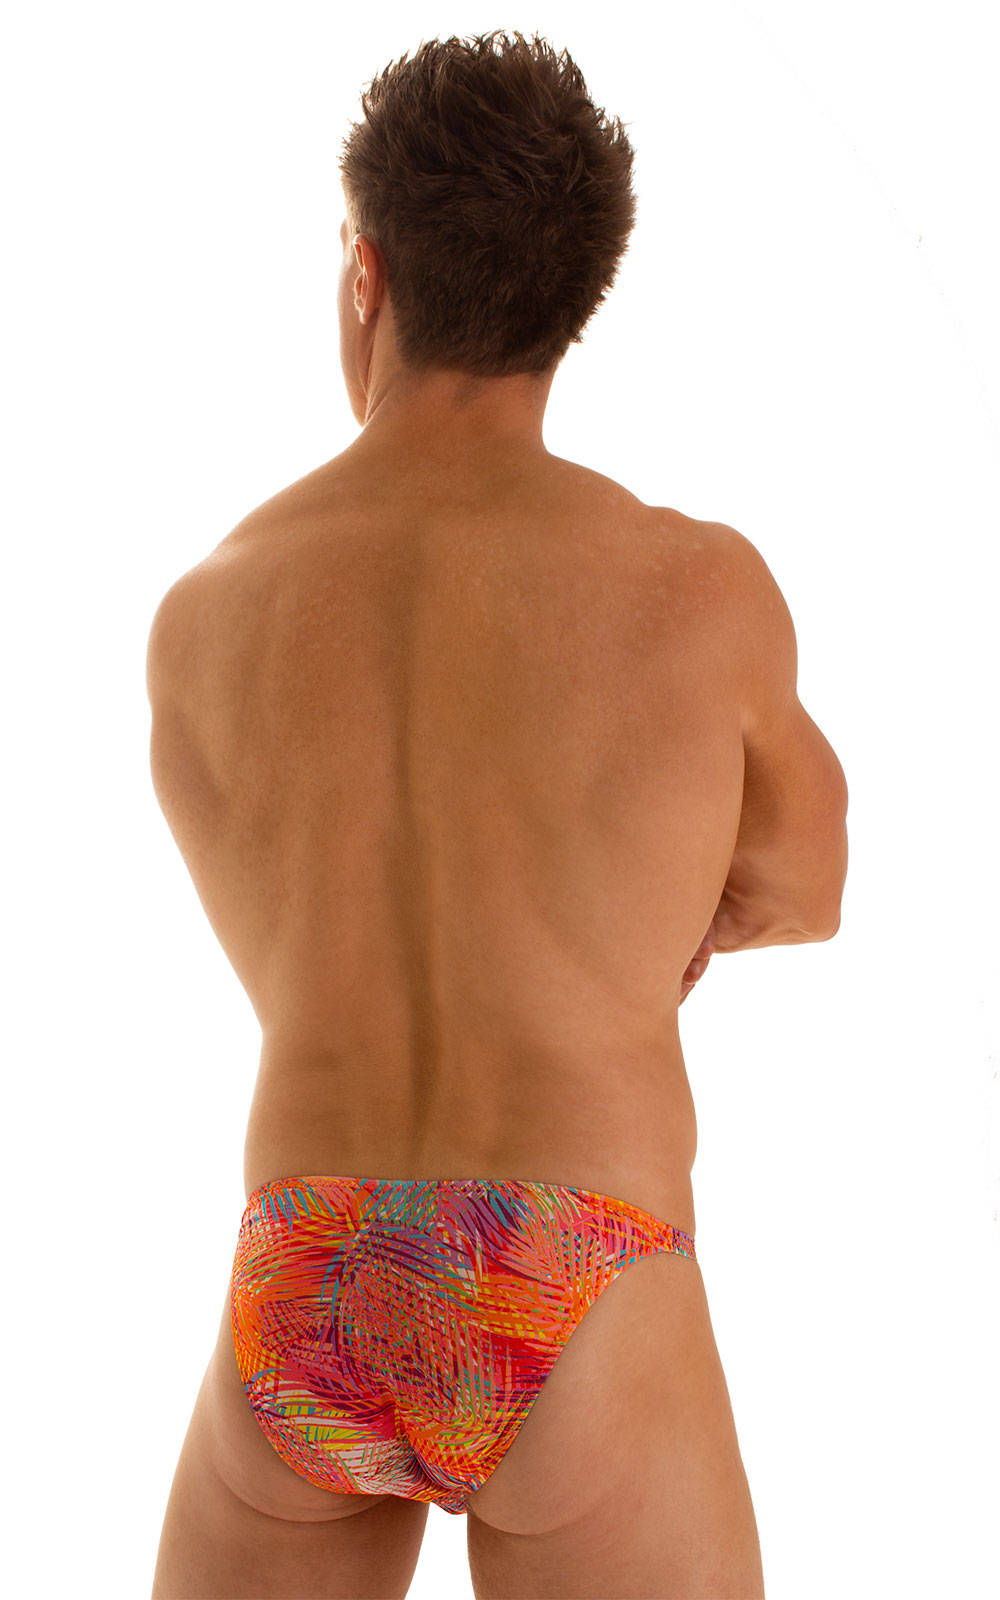 Smooth Front Bikini in Tan Through Orange Jungle 2